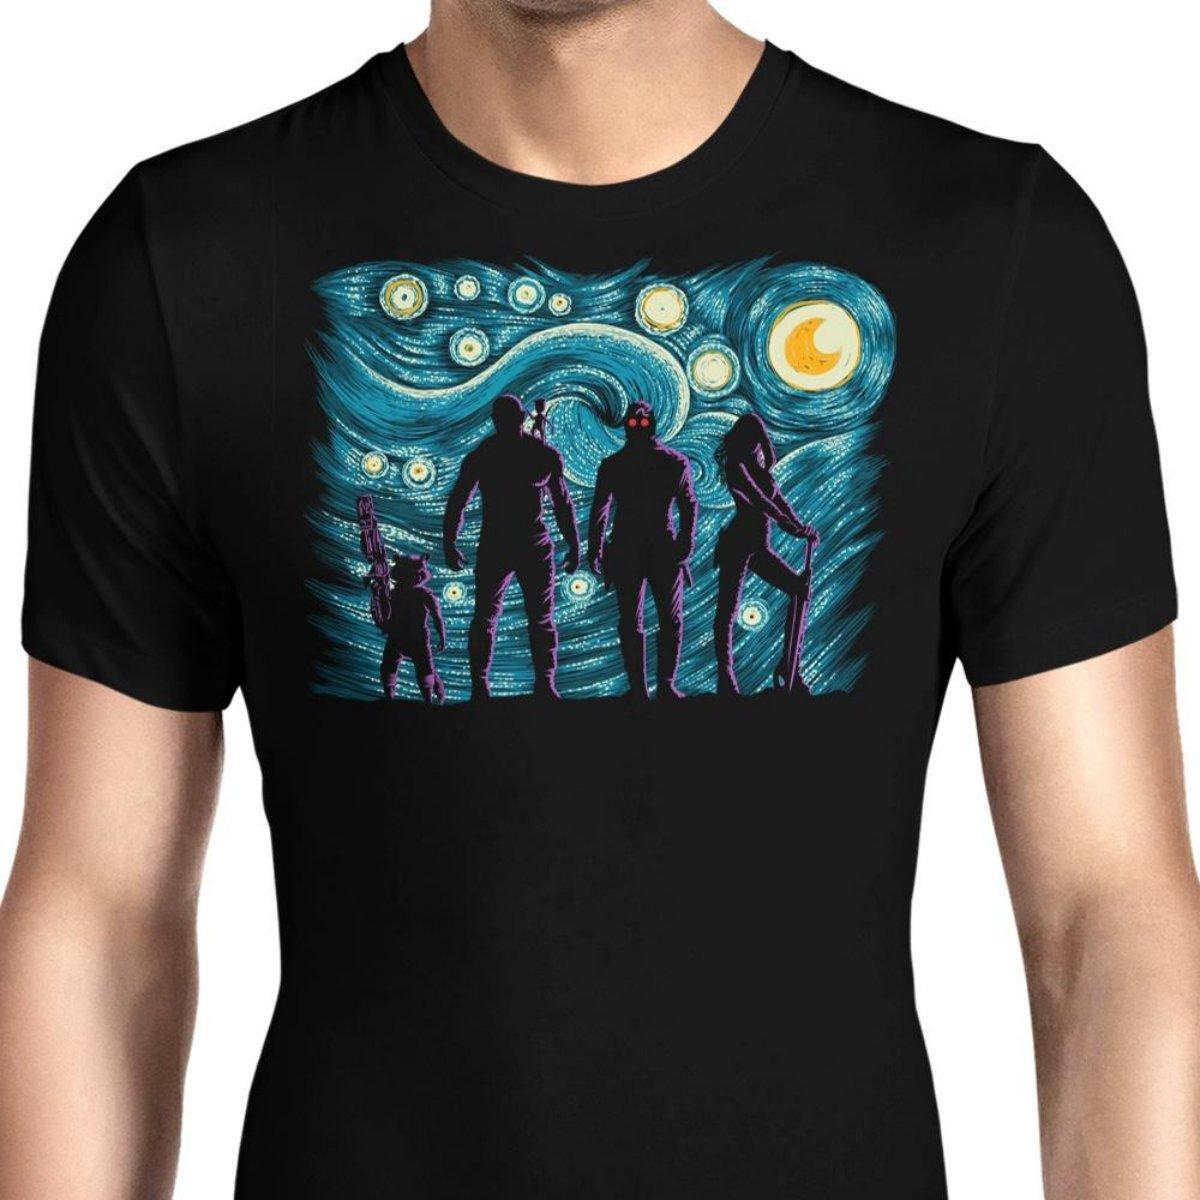 HONGRONG Mens Starry Galaxy Unique Design Tshirt Fashion Tee